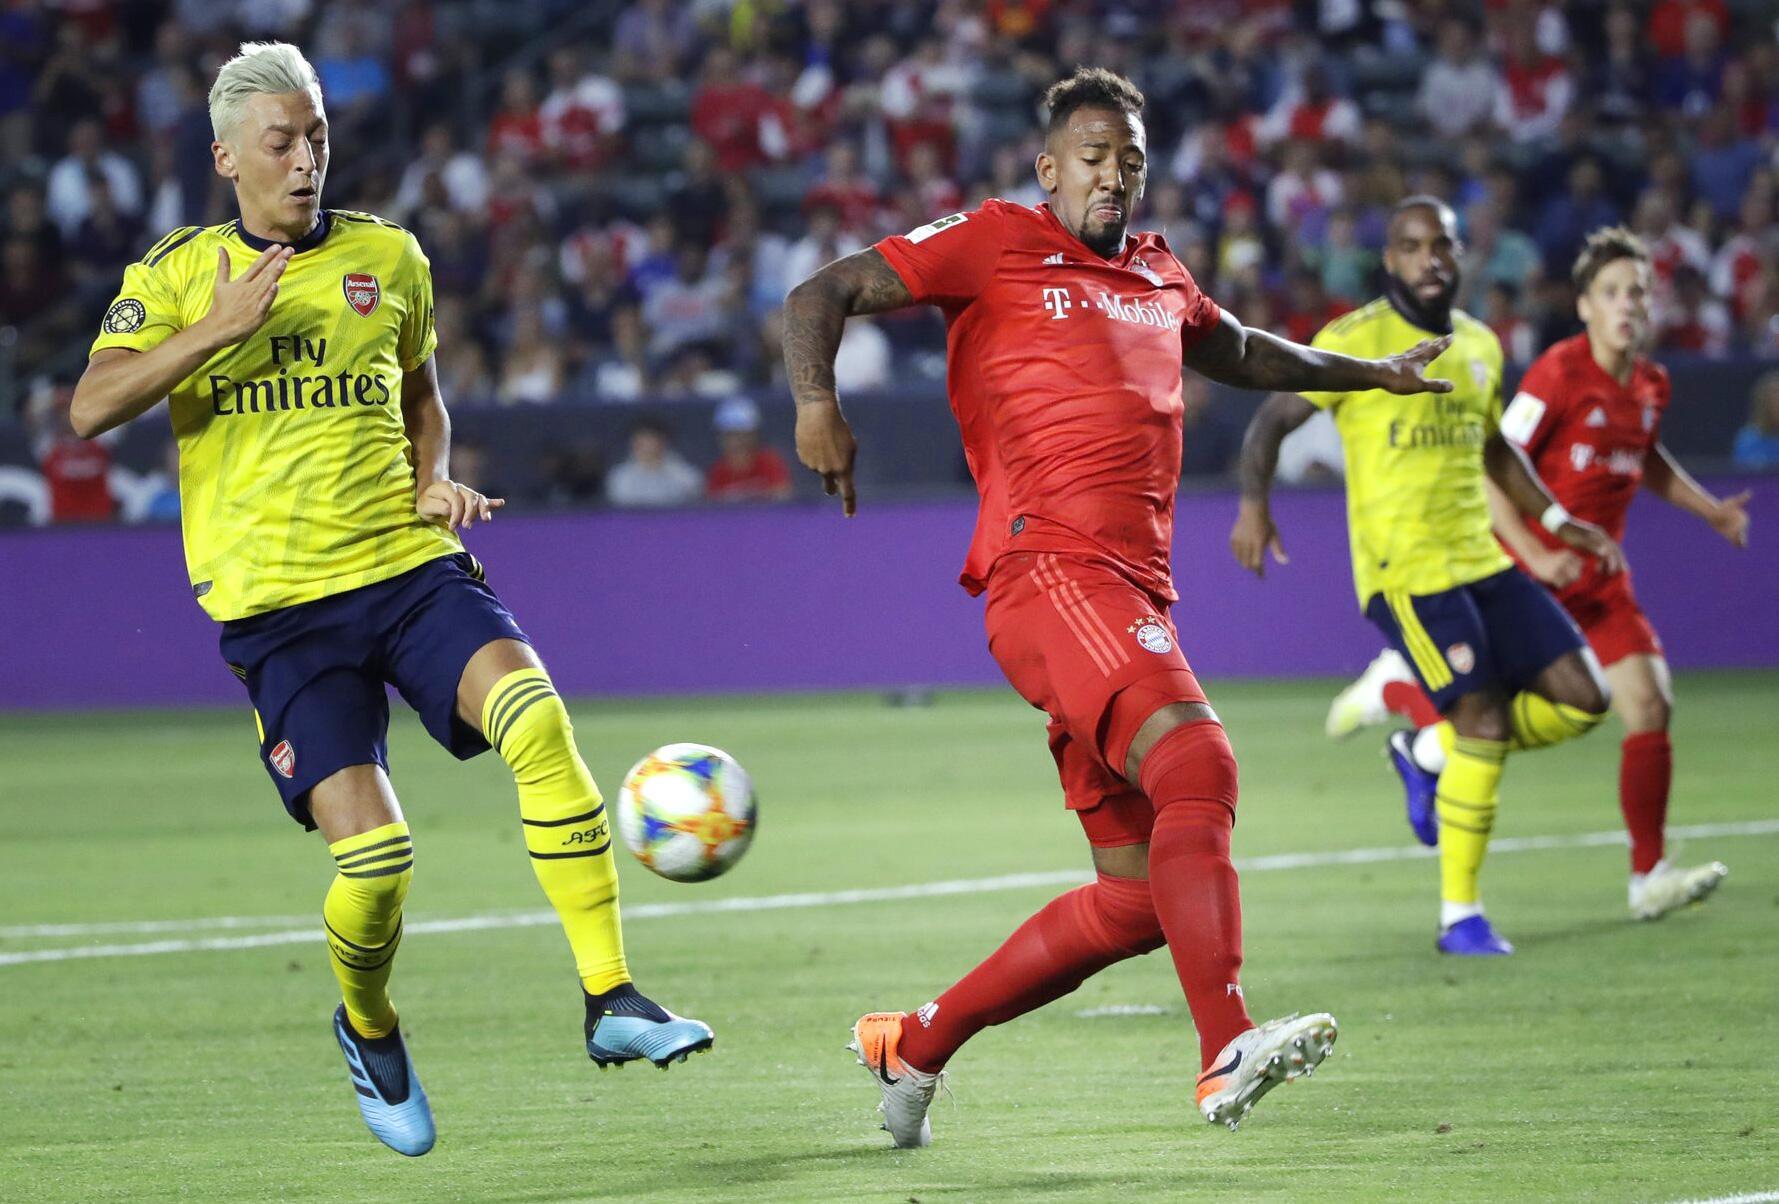 Bild zu Bayern München - FC Arsenal